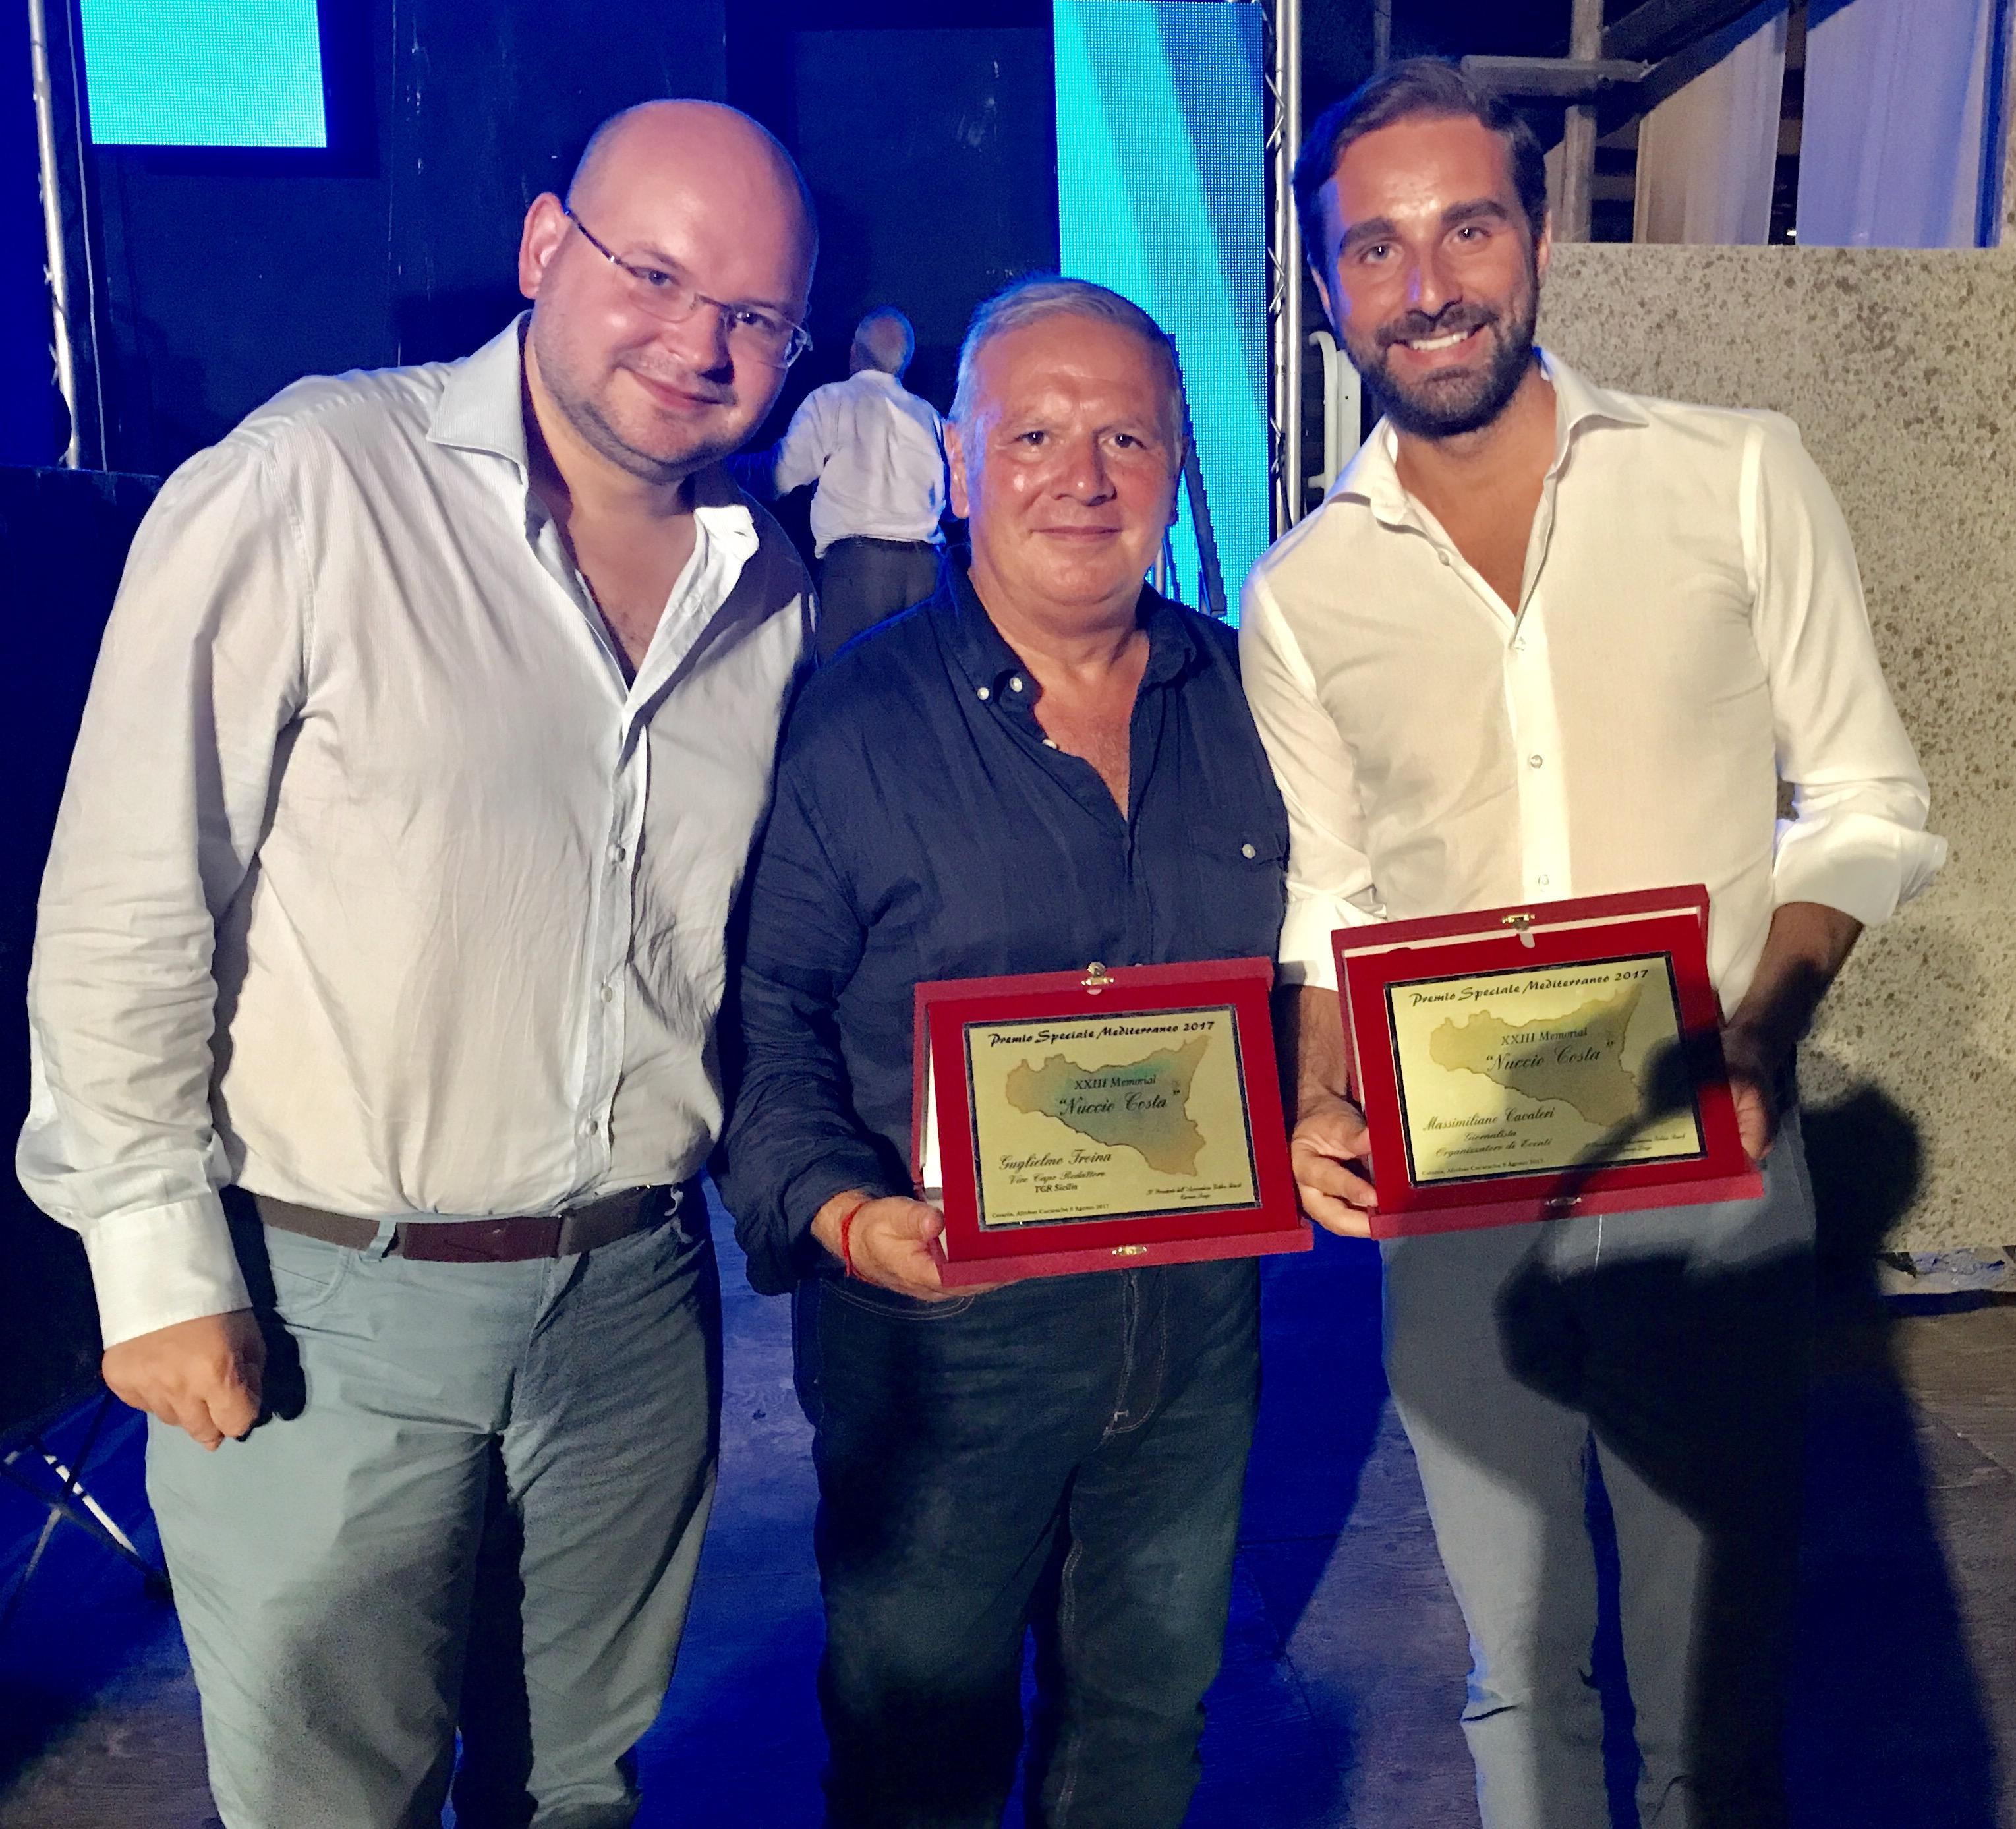 ìFabio Longo della RAI con i premiati Guglielmo Troina e Massimiliano Cavaleri